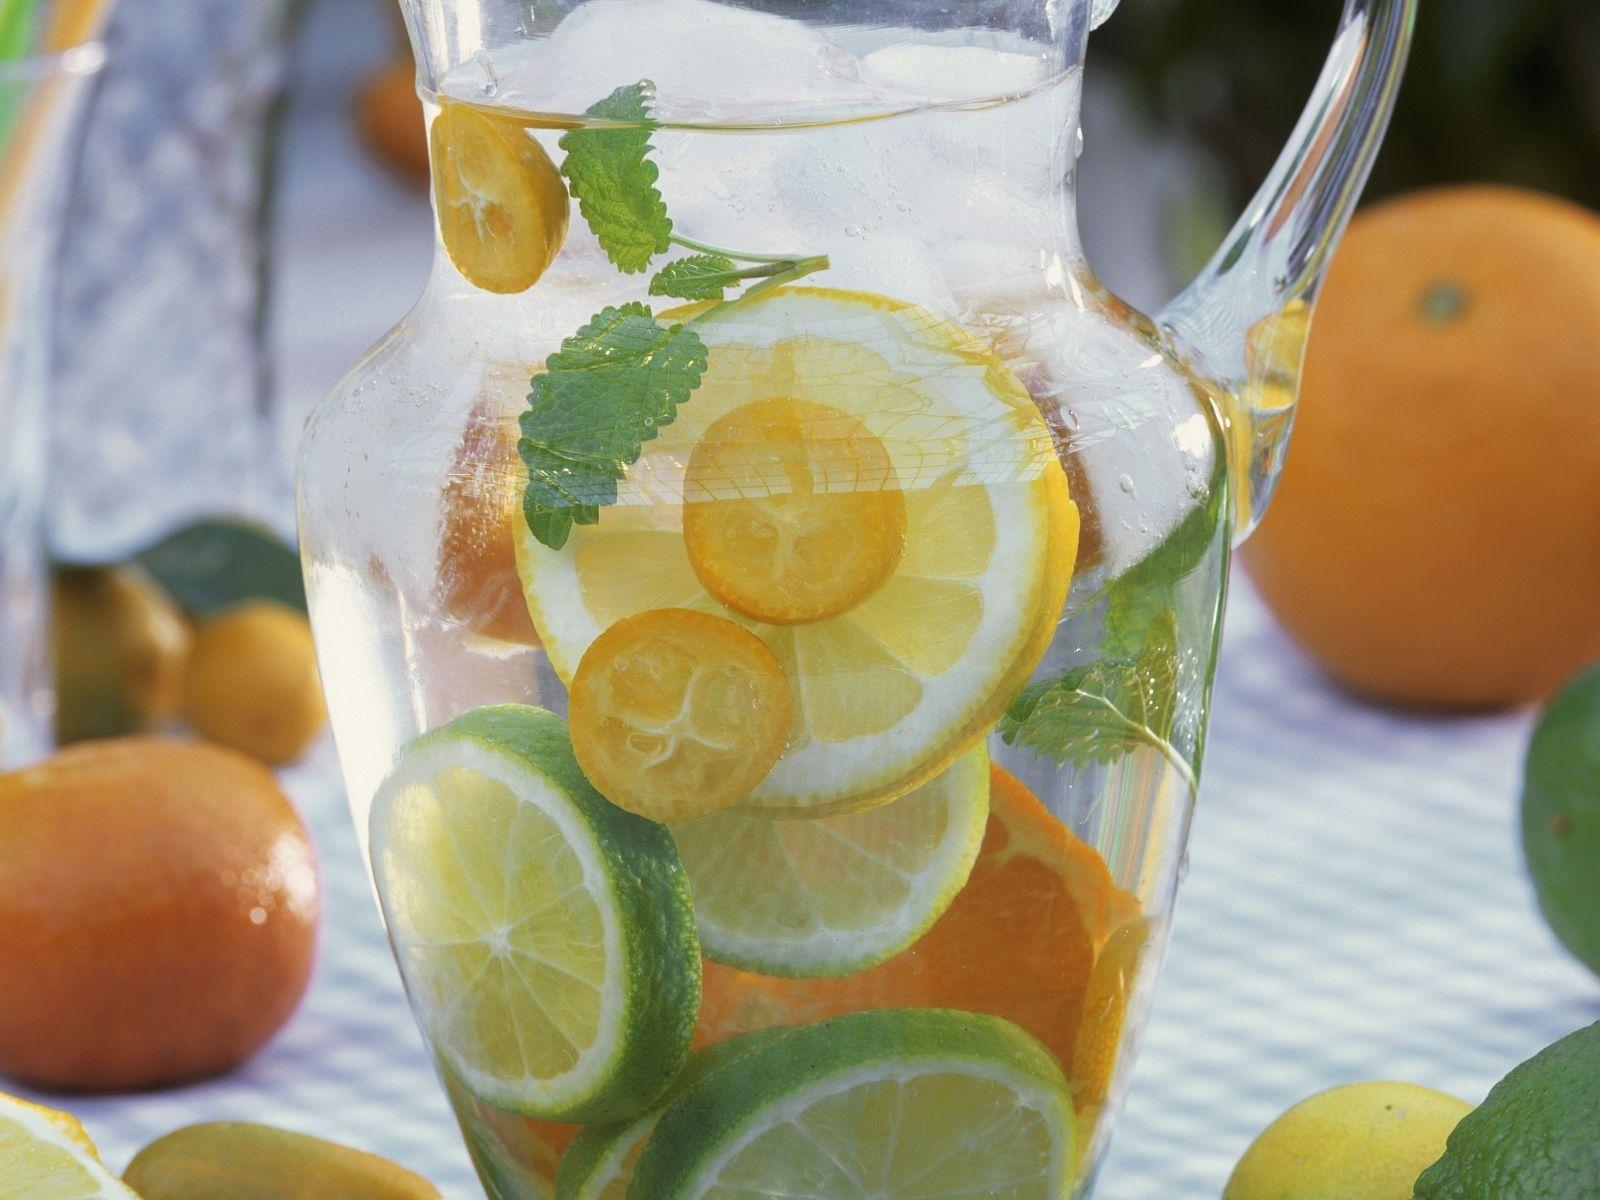 Erfrischungsgetränk mit Zitrusfrüchten Rezept | EAT SMARTER